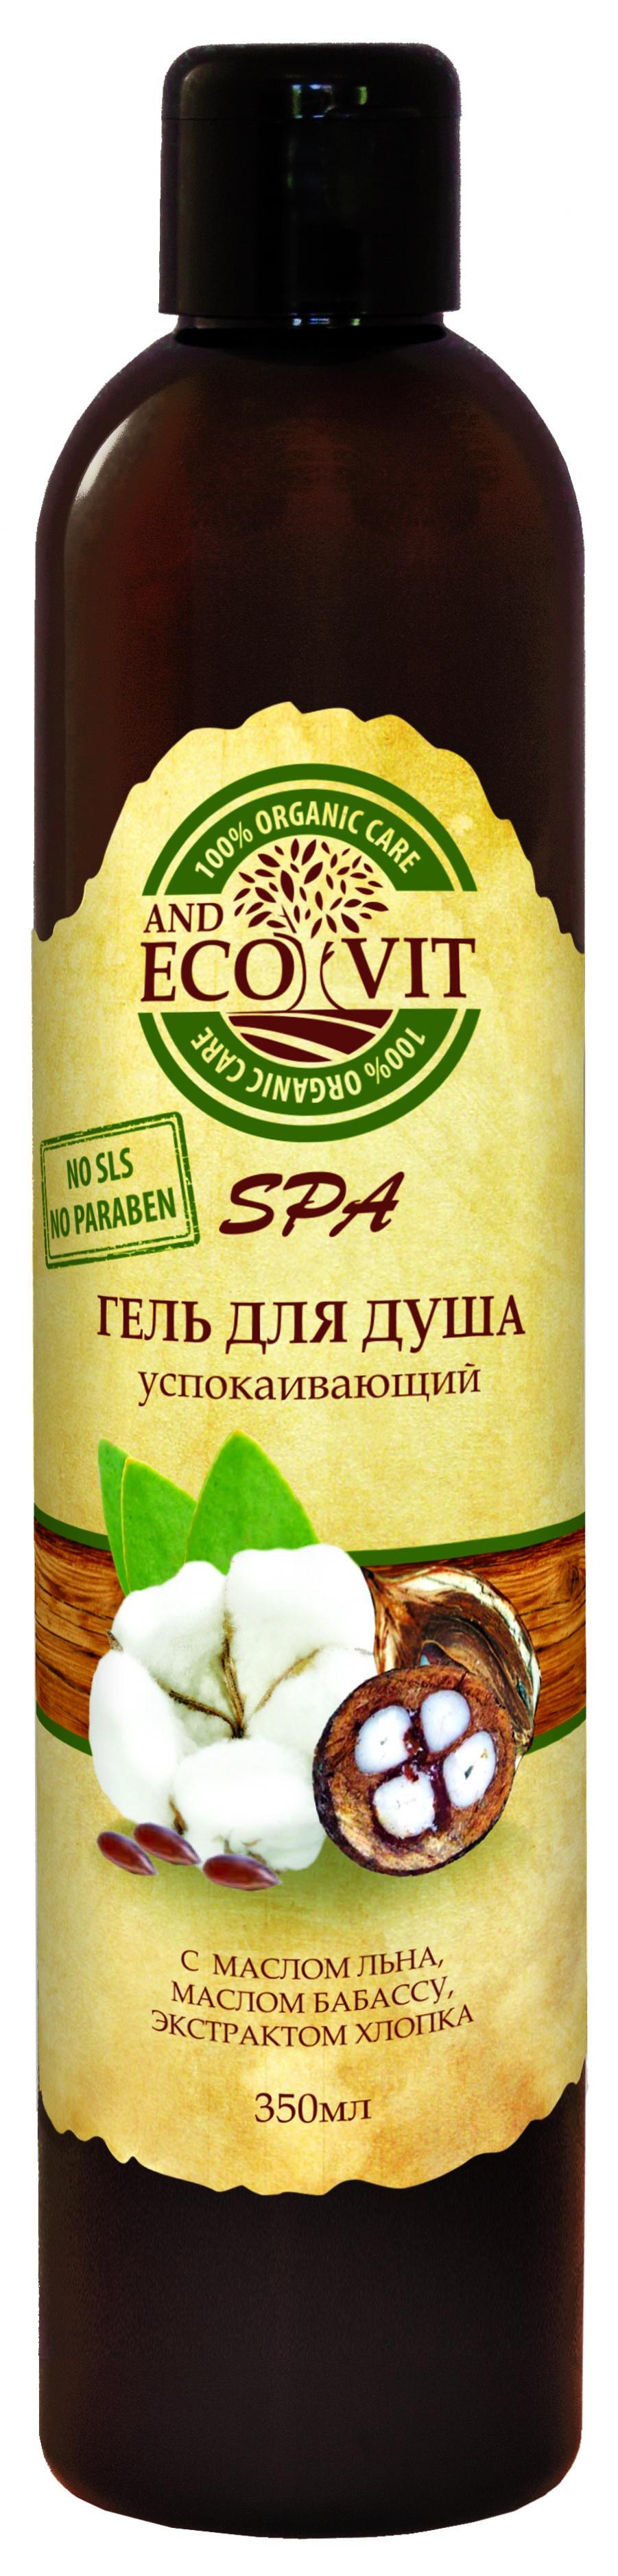 Гель для душа Eco&Vit Успокаивающий с маслом льна, маслом бабассу, экстрактом хлопка, 7900